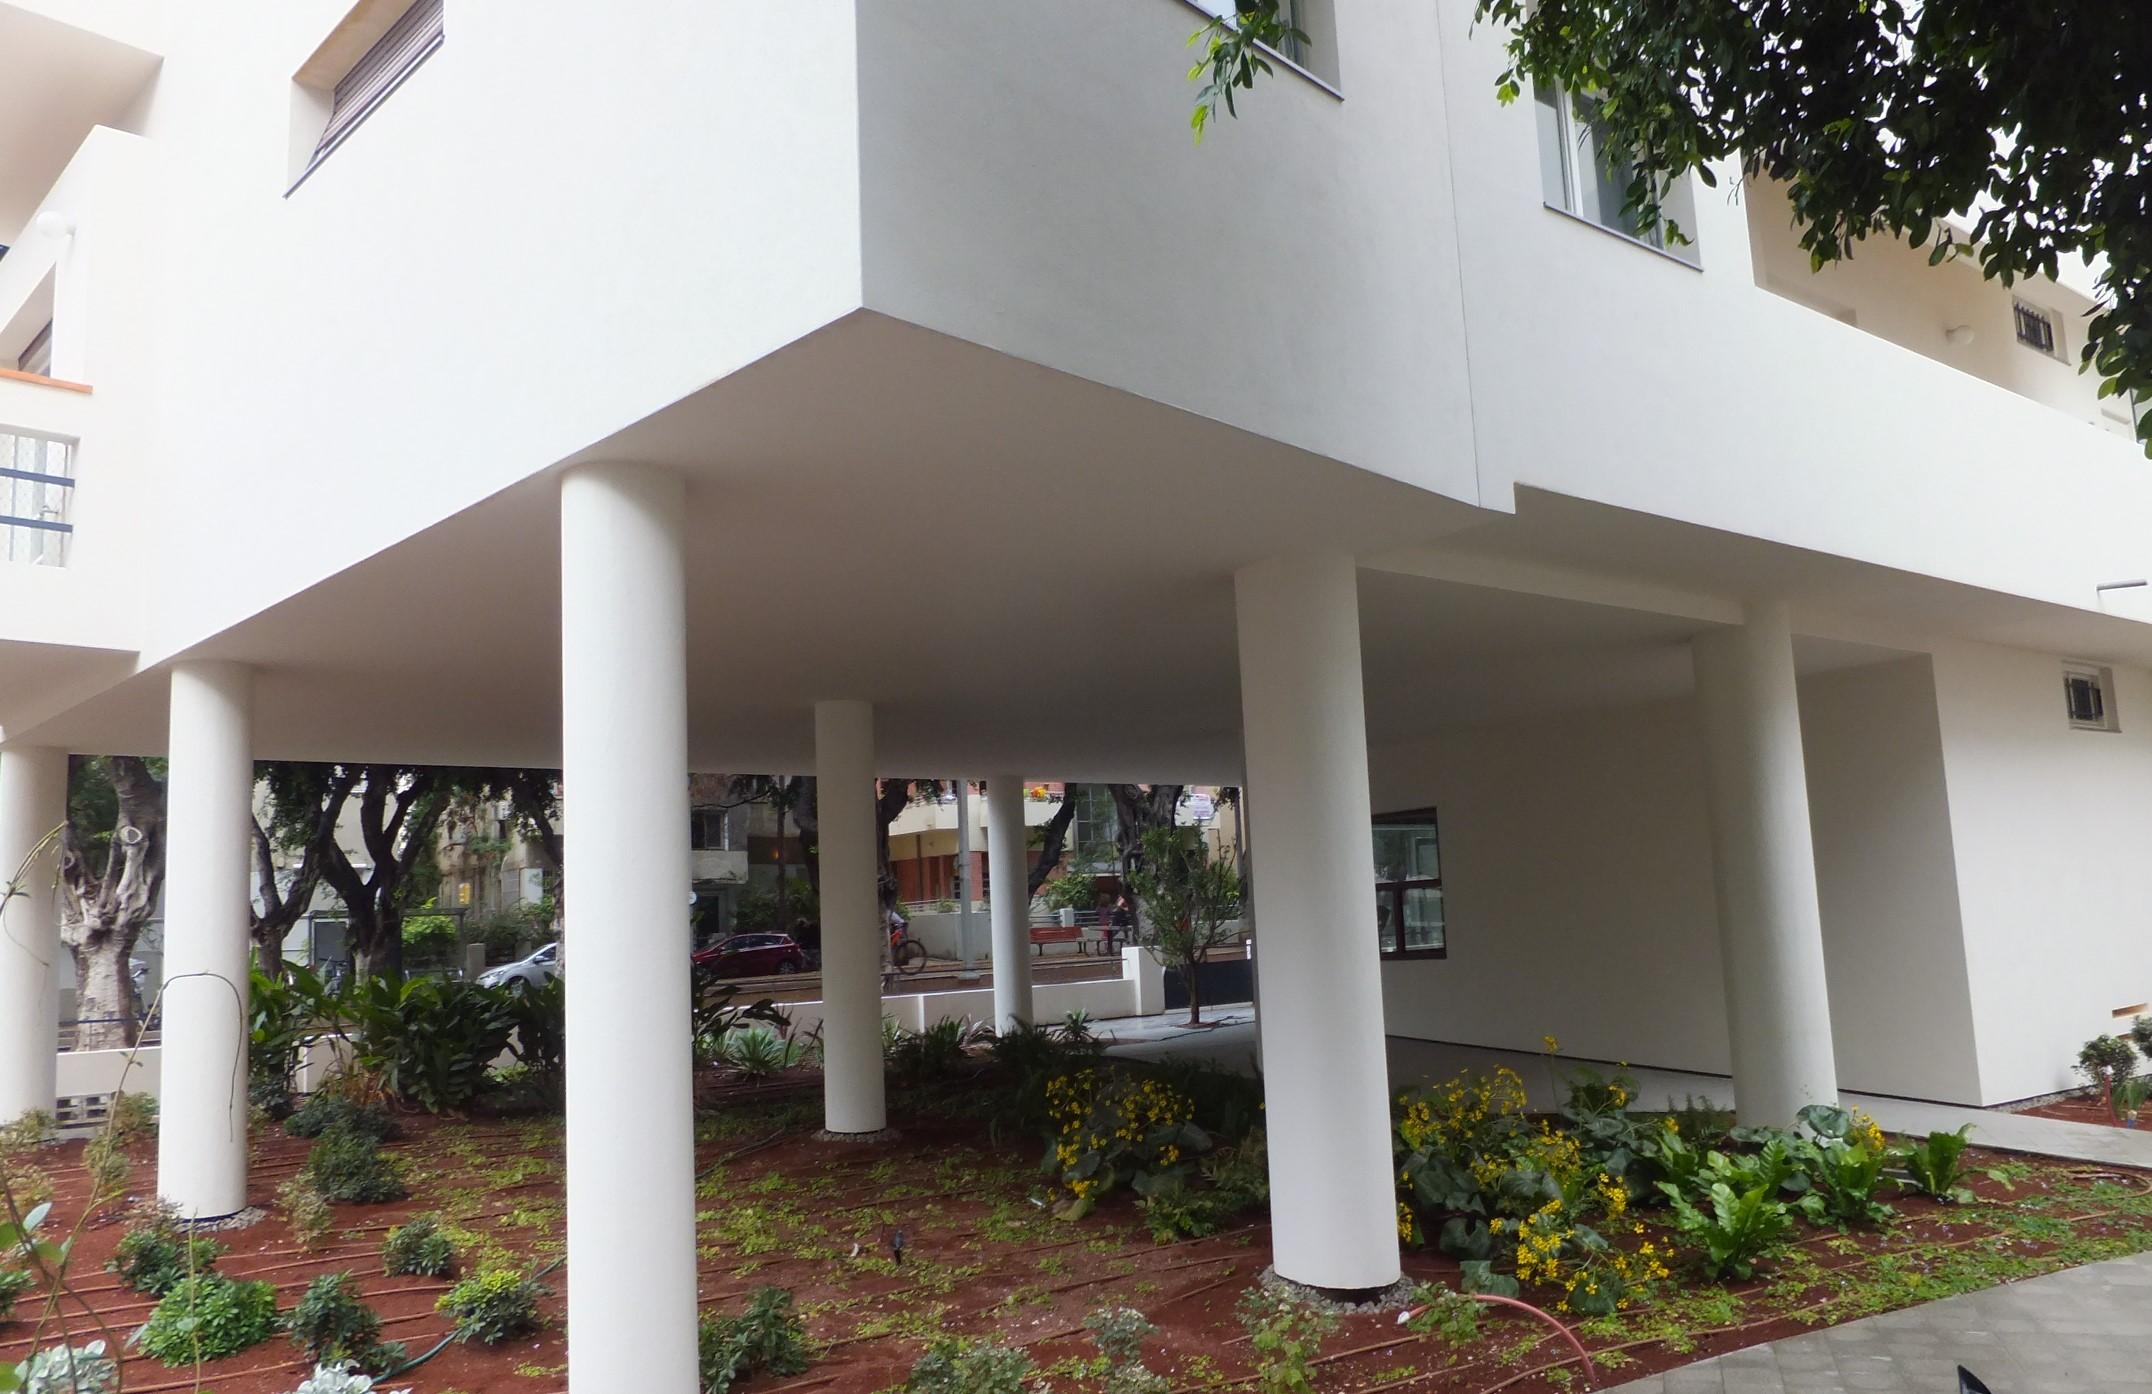 Строение на столбах - характерный элемент стиля баухауз. Фото автора